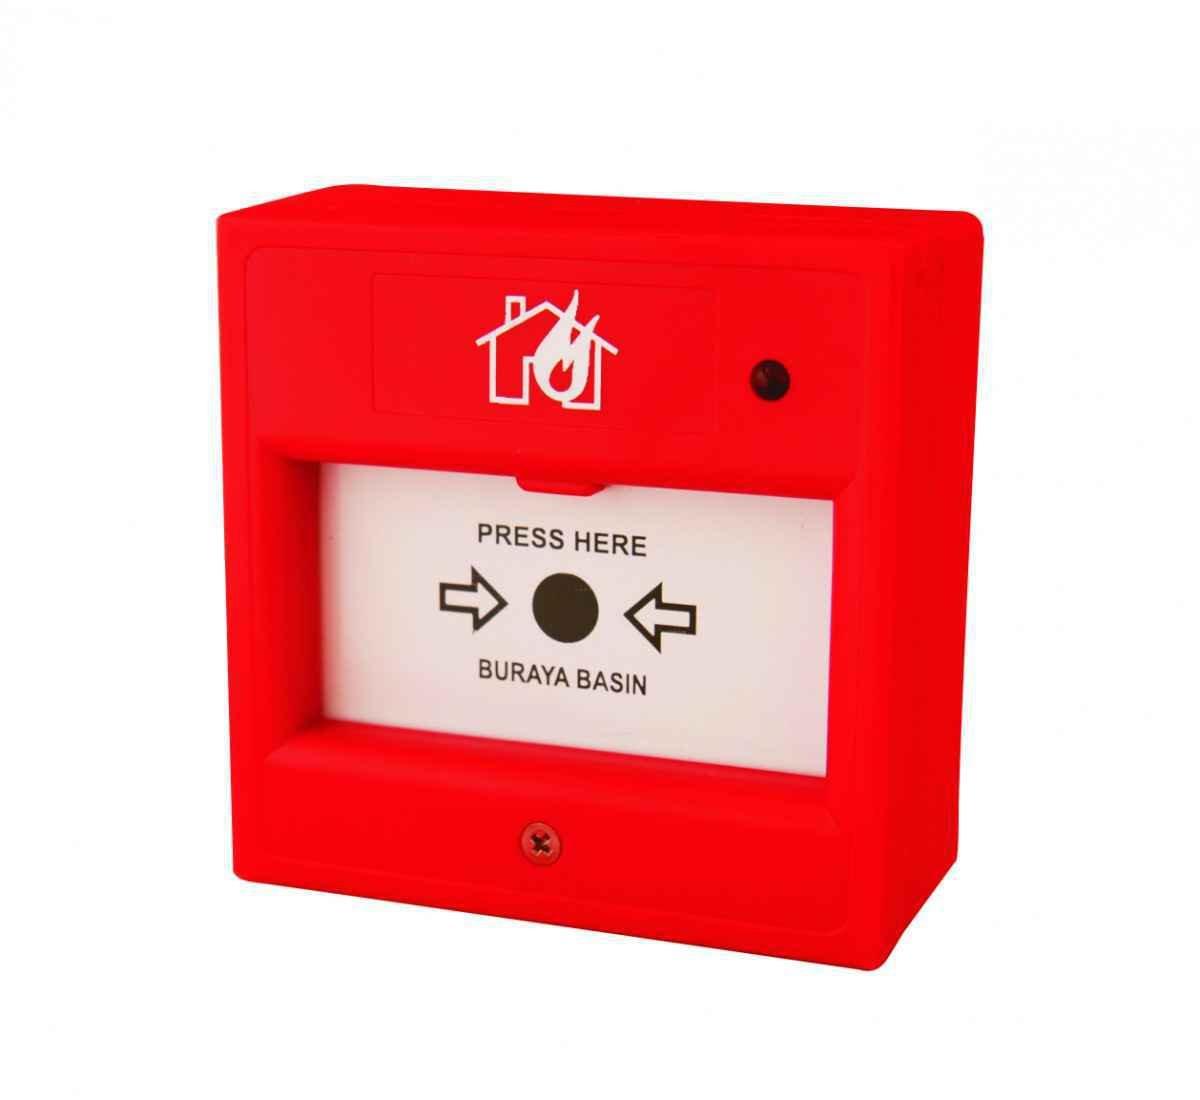 yangın alarm 1 - Yangın Alarm Sistemi Nedir?